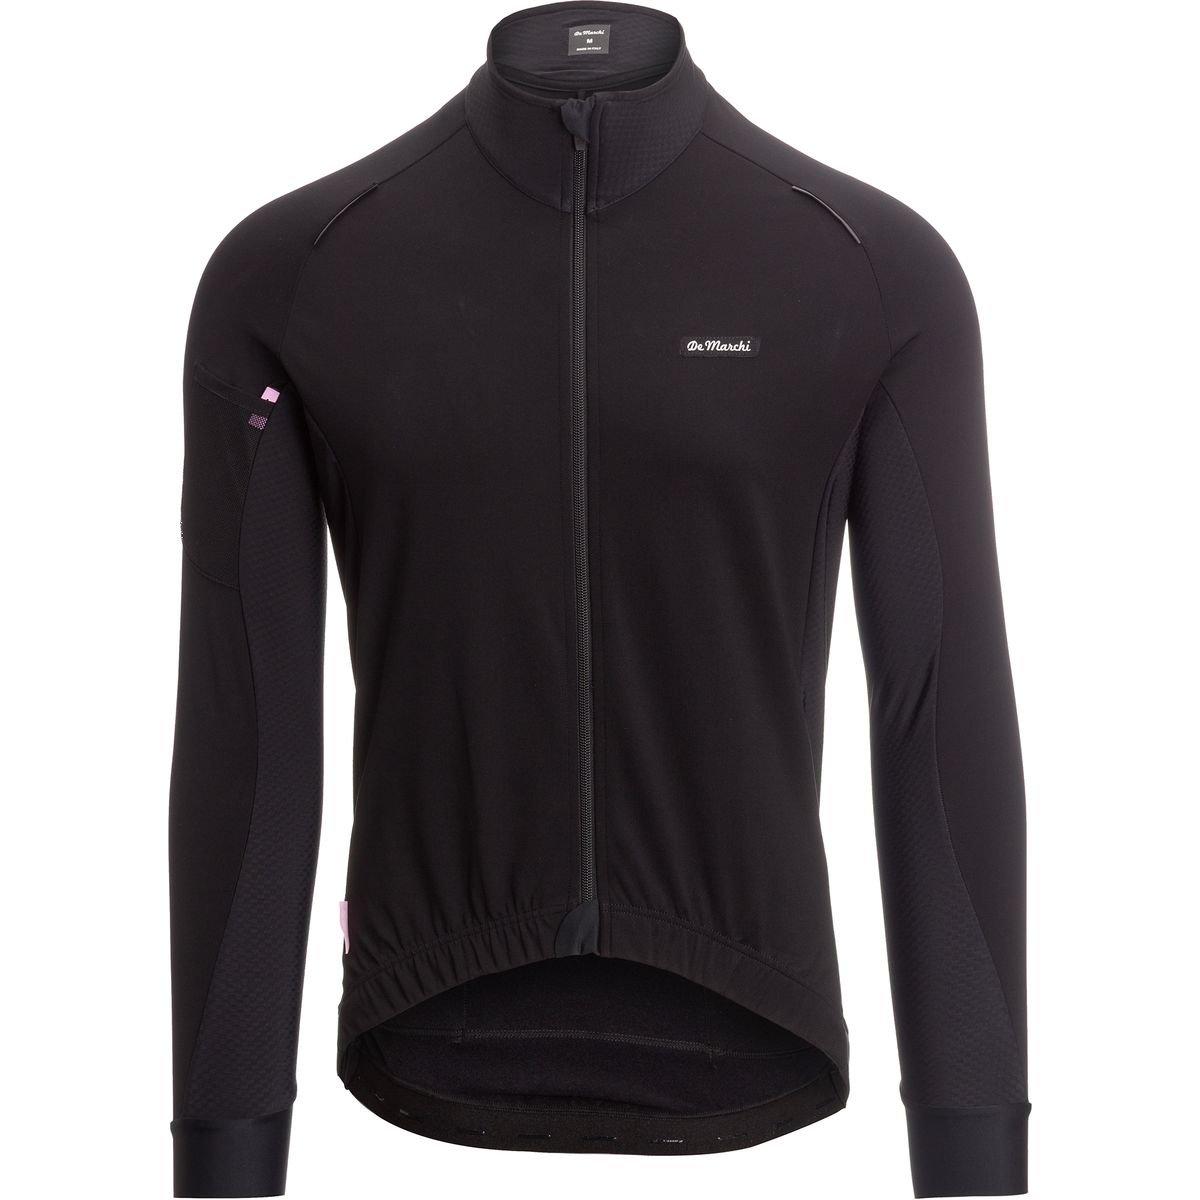 De Marchiトレーニングジャケット – メンズ B0767KL7R6 Large|ブラック/ネロ(Black/Nero) ブラック/ネロ(Black/Nero) Large